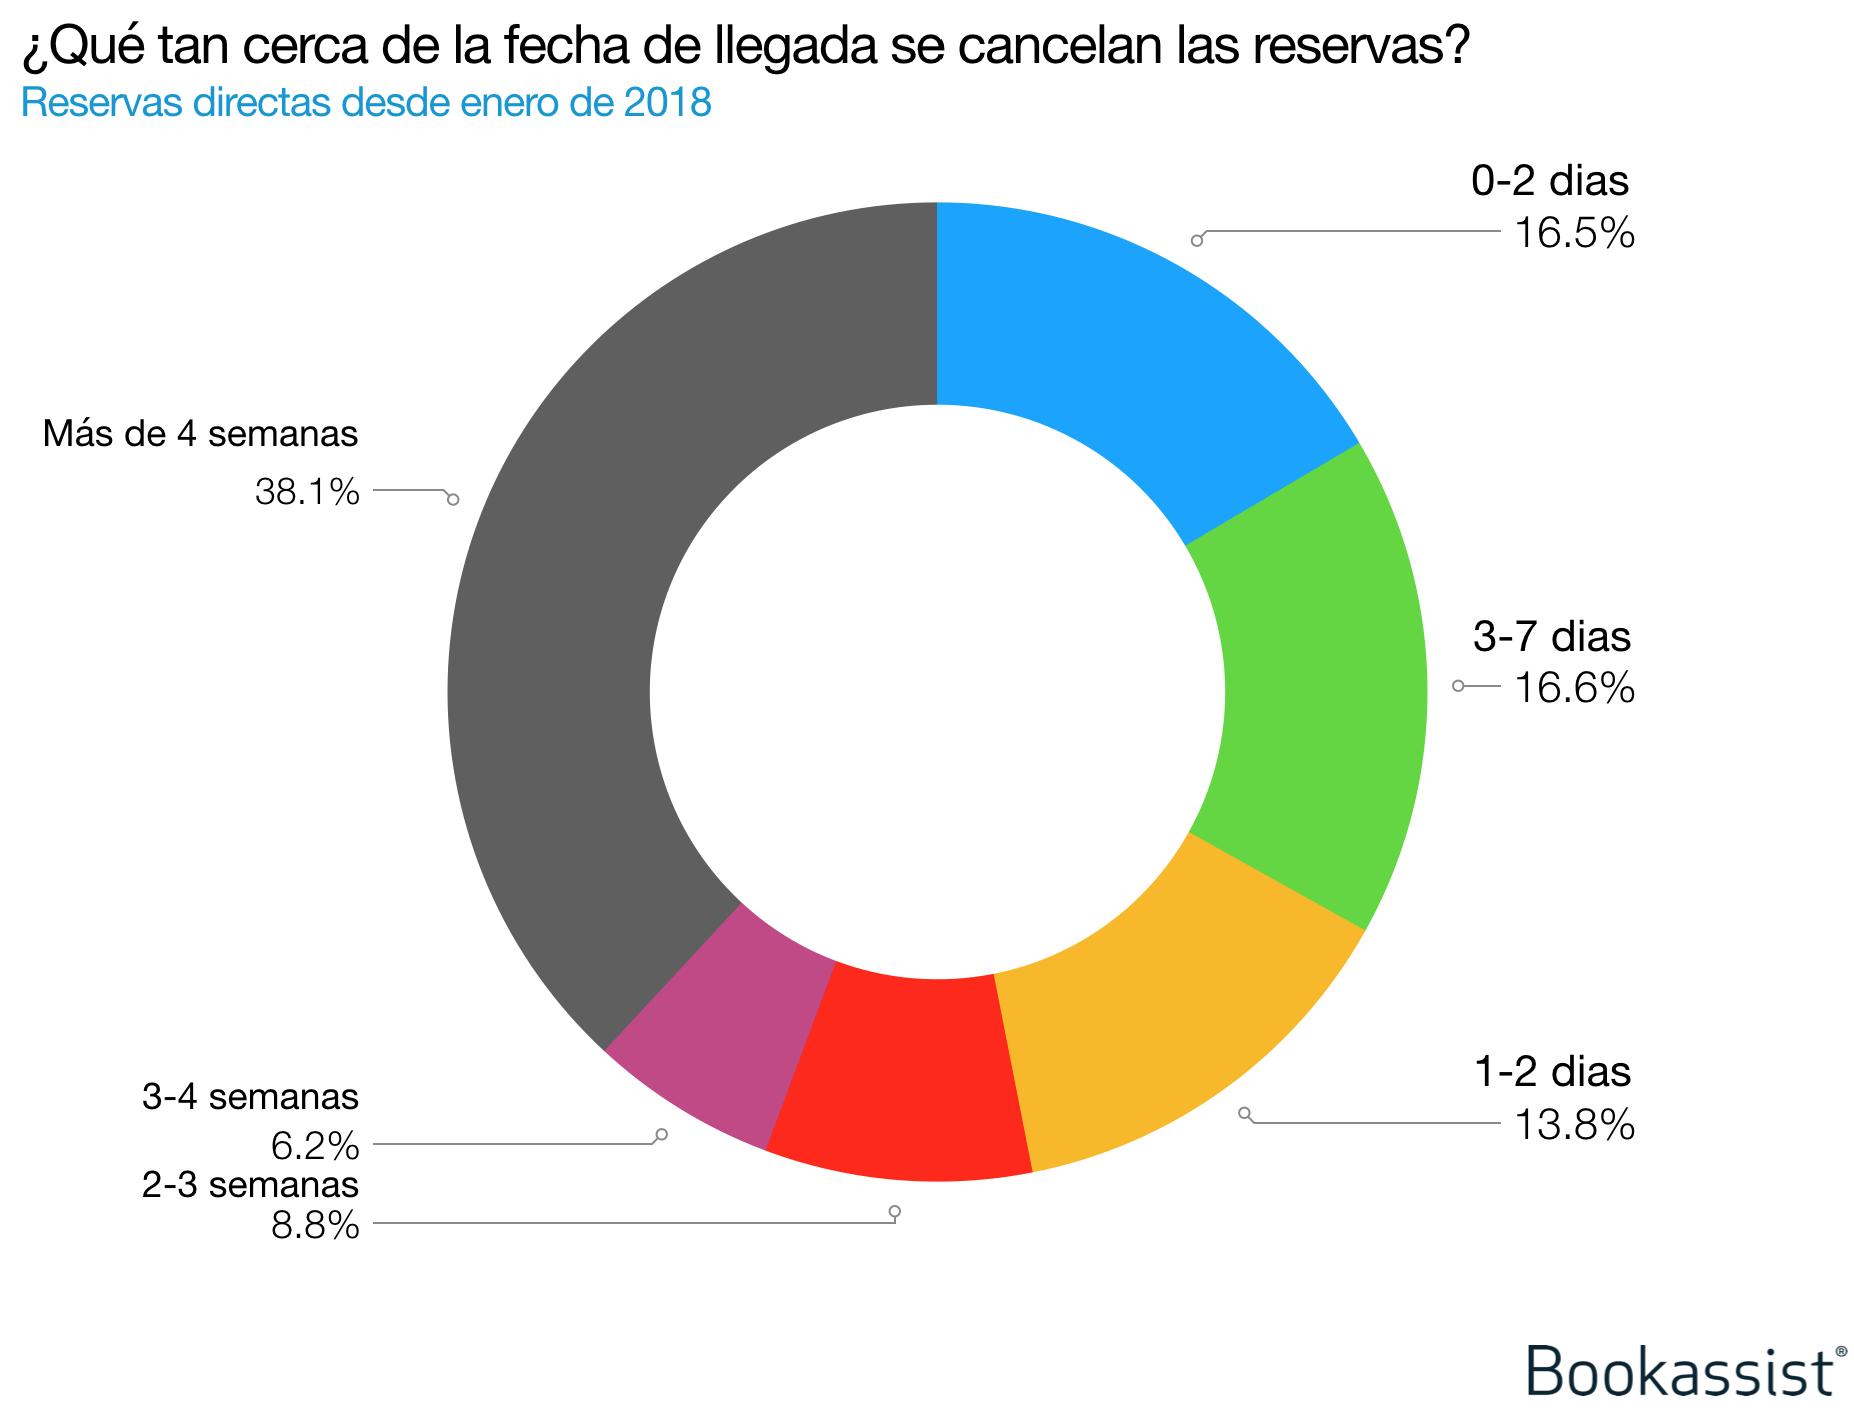 Imagen 3: datos de Bookassist que indican la tendencia de cancelación de las reservas directas según la antelación con la que se realizan dichas reservas con respecto a la fecha de llegada (datos desde enero de 2018).